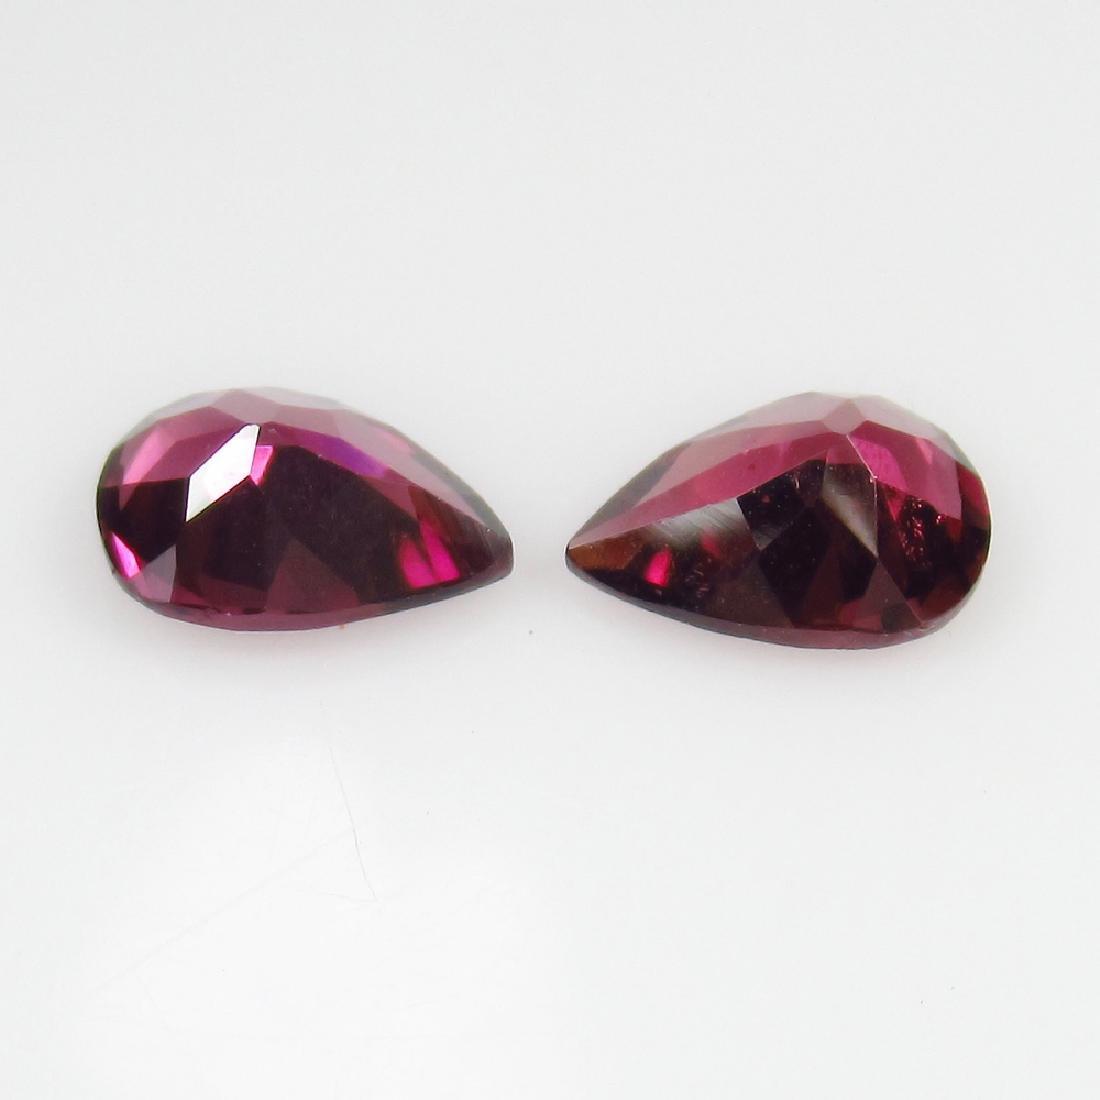 2.29 Ct Genuine Loose Pink Rhodolite Garnet Pear Pair - 2